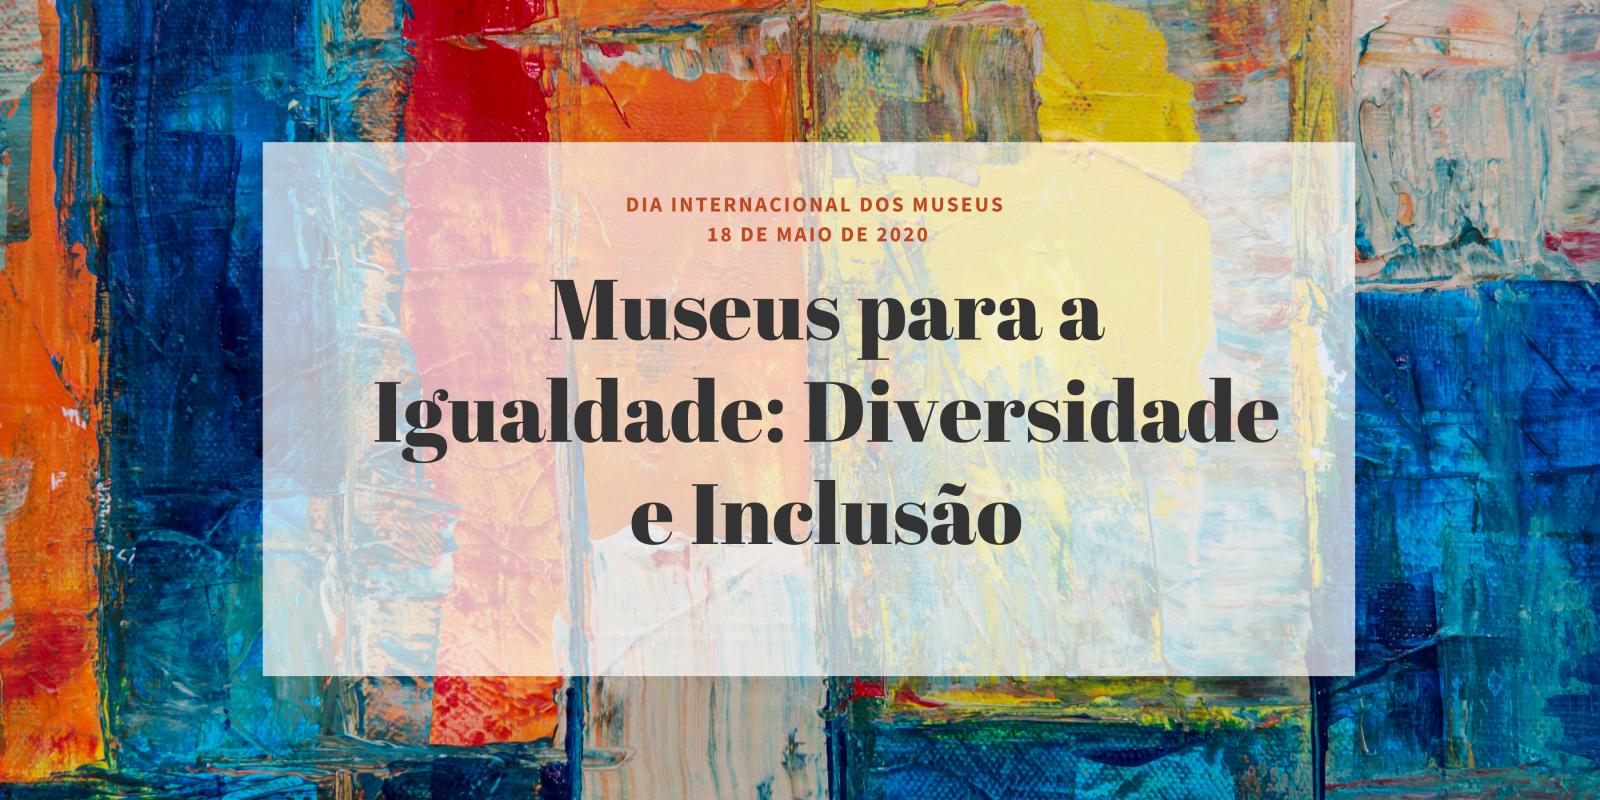 DIM | Museus para a Igualdade: Diversidade e Inclusão